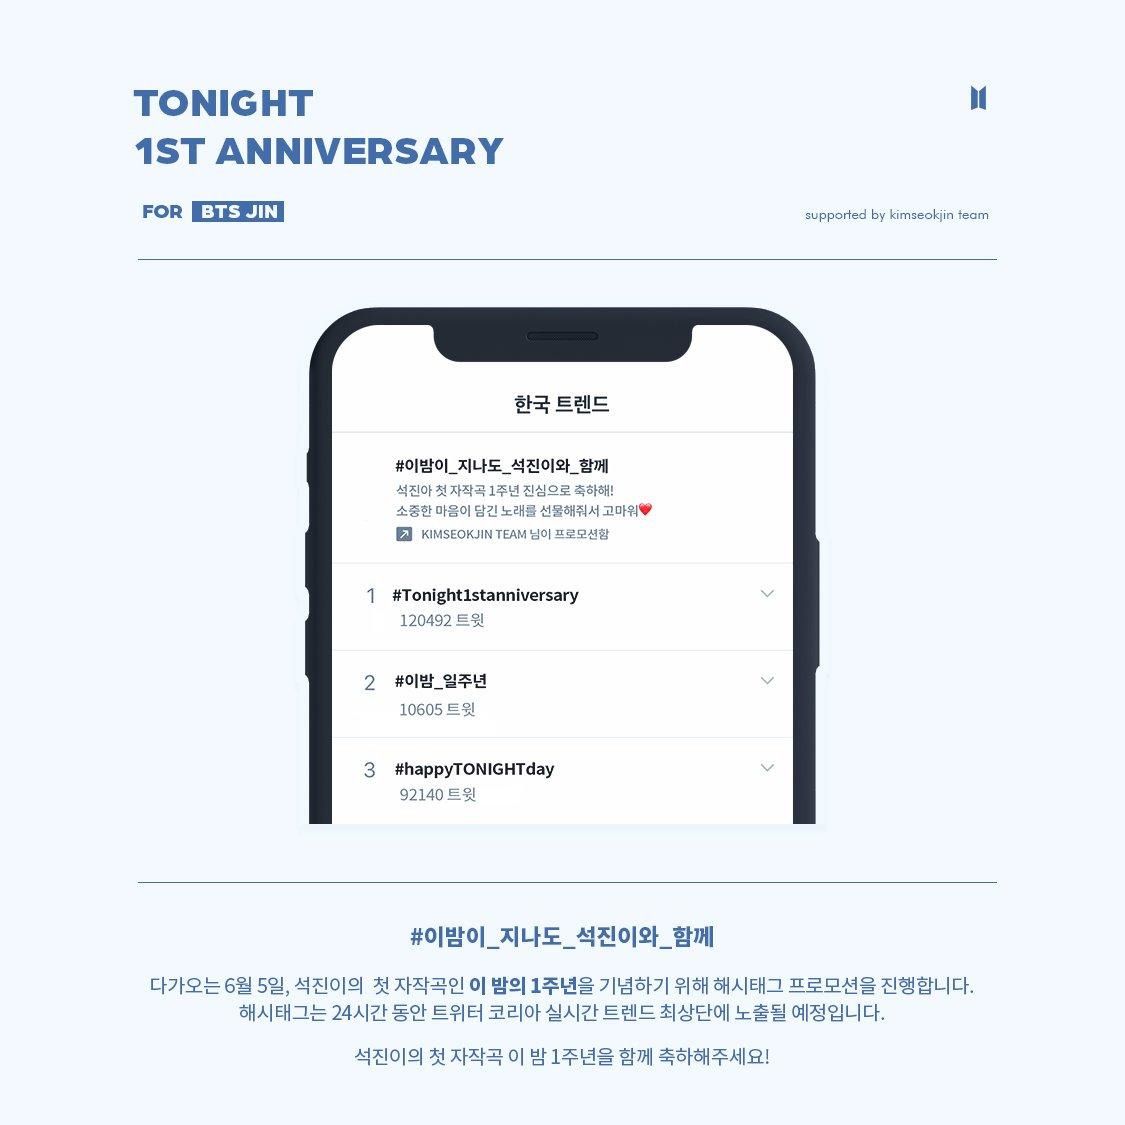 ∙ 𝐓𝐨𝐧𝐢𝐠𝐡𝐭 𝟏𝐬𝐭 𝐀𝐧𝐧𝐢𝐯𝐞𝐫𝐬𝐚𝐫𝐲 𝐏𝐫𝐨𝐣𝐞𝐜𝐭 #𝟏 석진이의 첫 자작곡 이 밤 1주년을 기념하여 트위터 프로모션 트렌드 광고를 진행합니다. presented by kimseokjin team